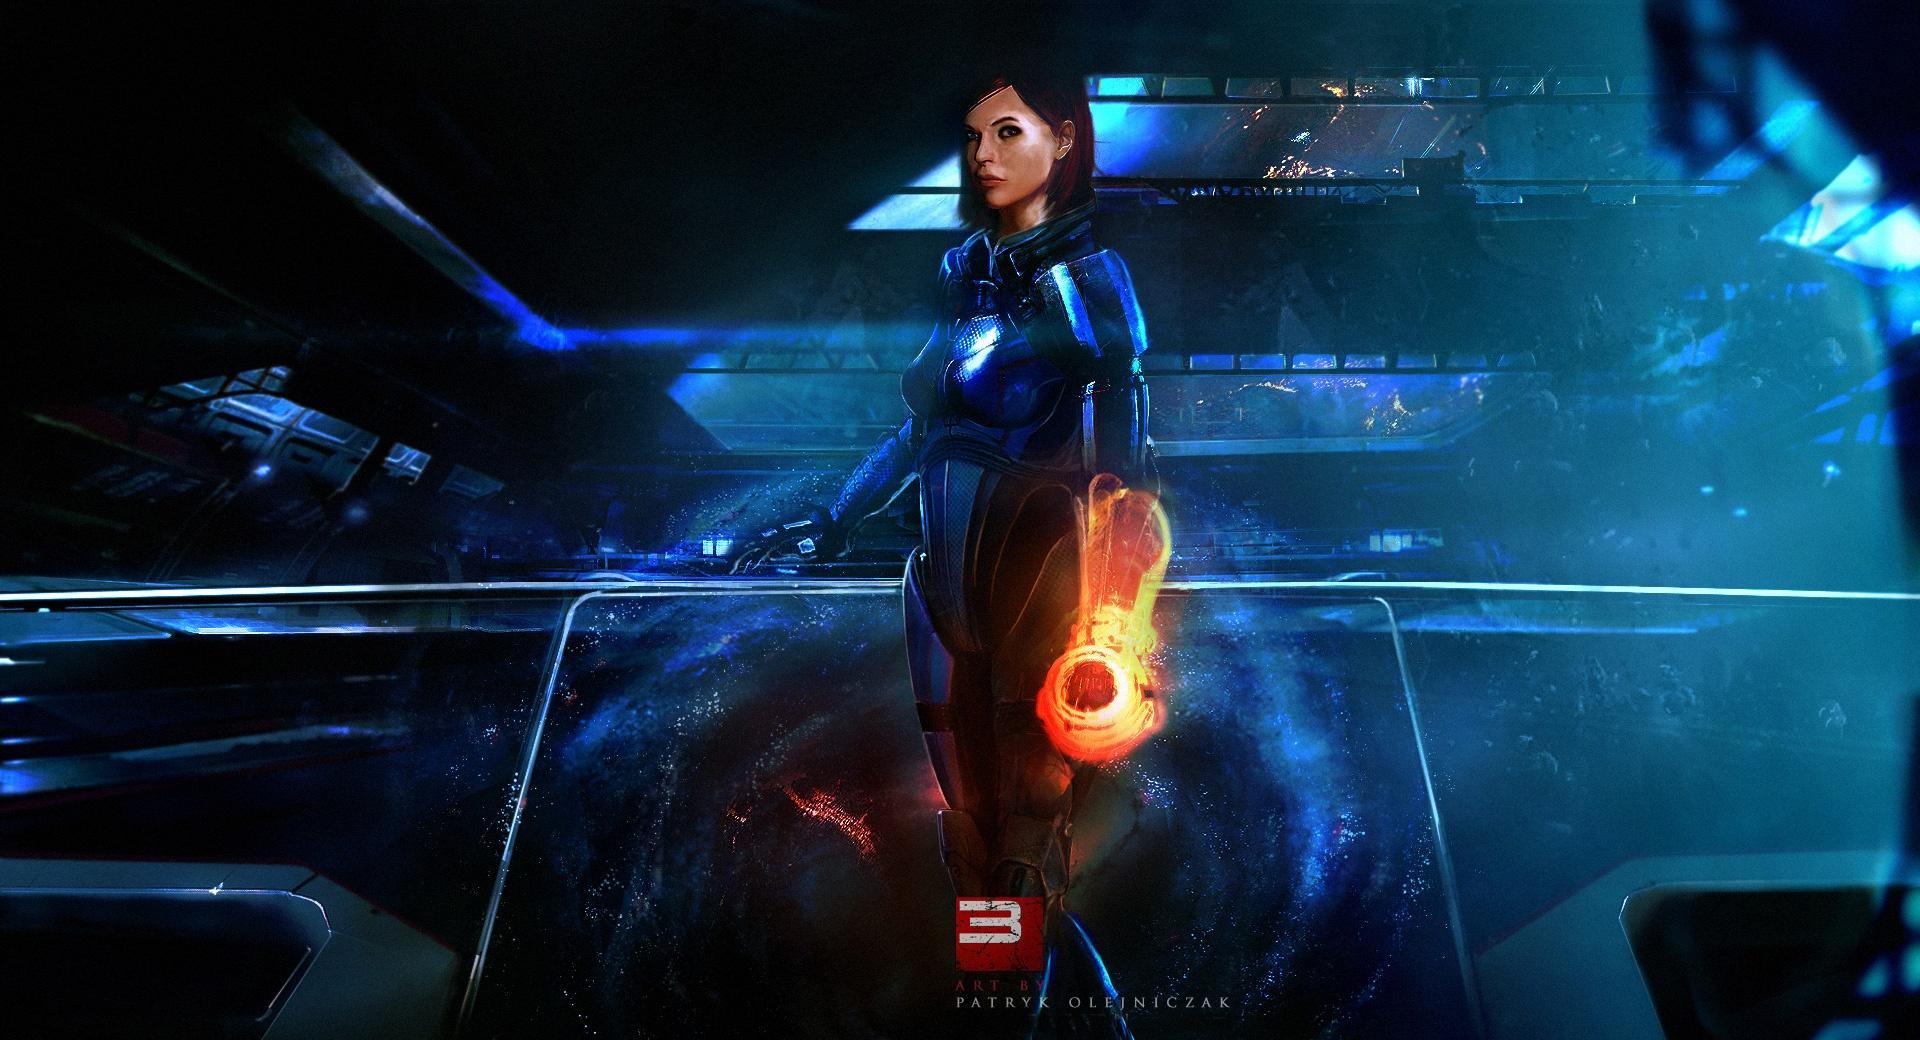 Mass Effect 3 Art wallpapers HD quality